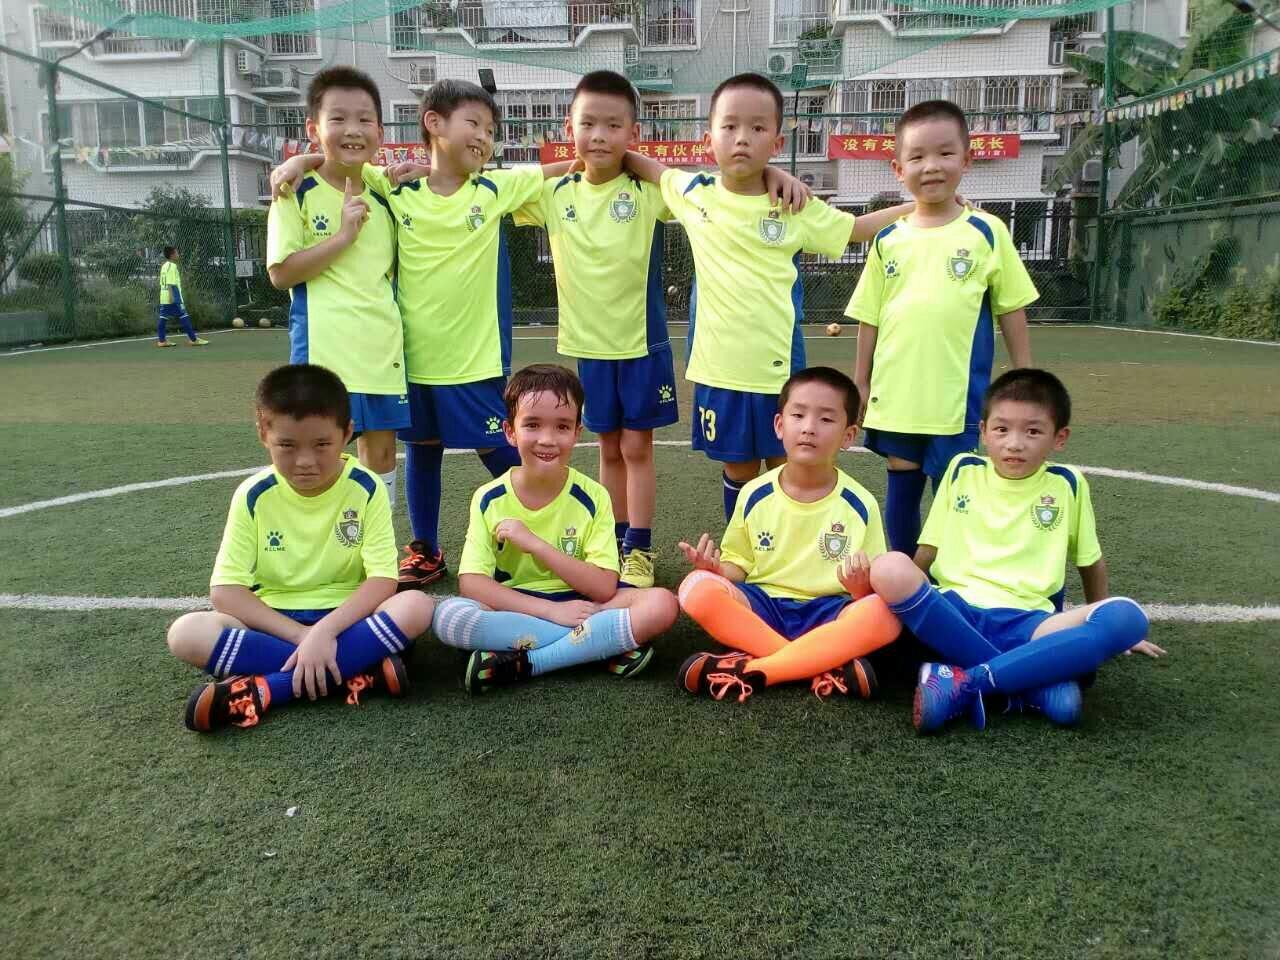 晋安区青少年足球训练班 青少年足球培训价格 青少年足球俱乐部